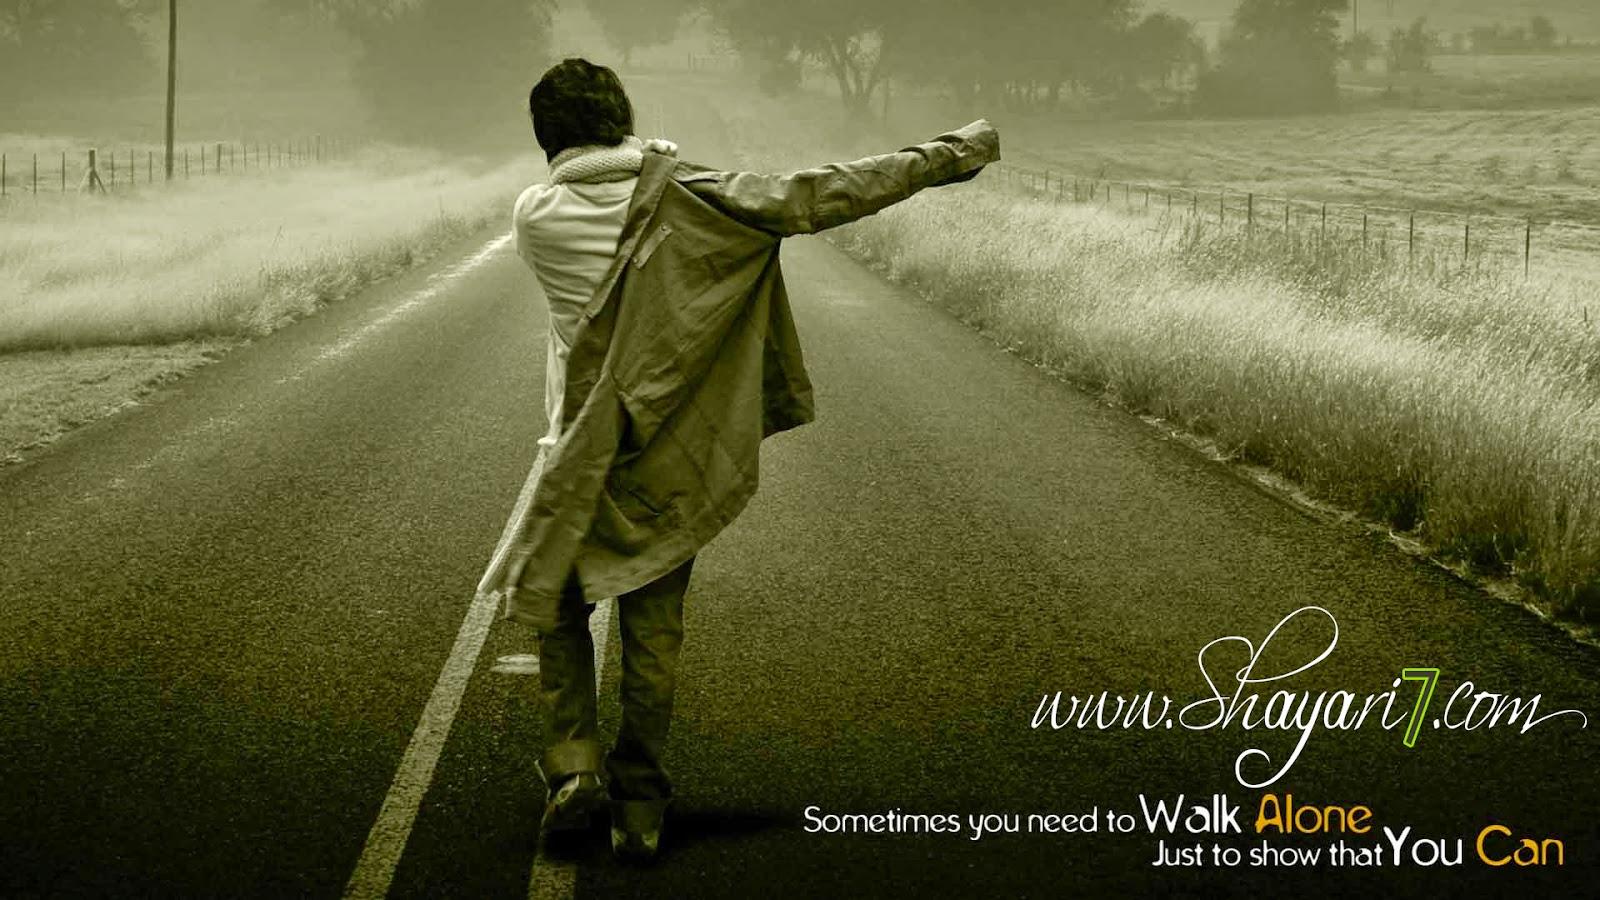 Heart Broken Quotes Hindi Wallpaper Sad Shayari Very Sad Shayari Collection For Whatsapp In